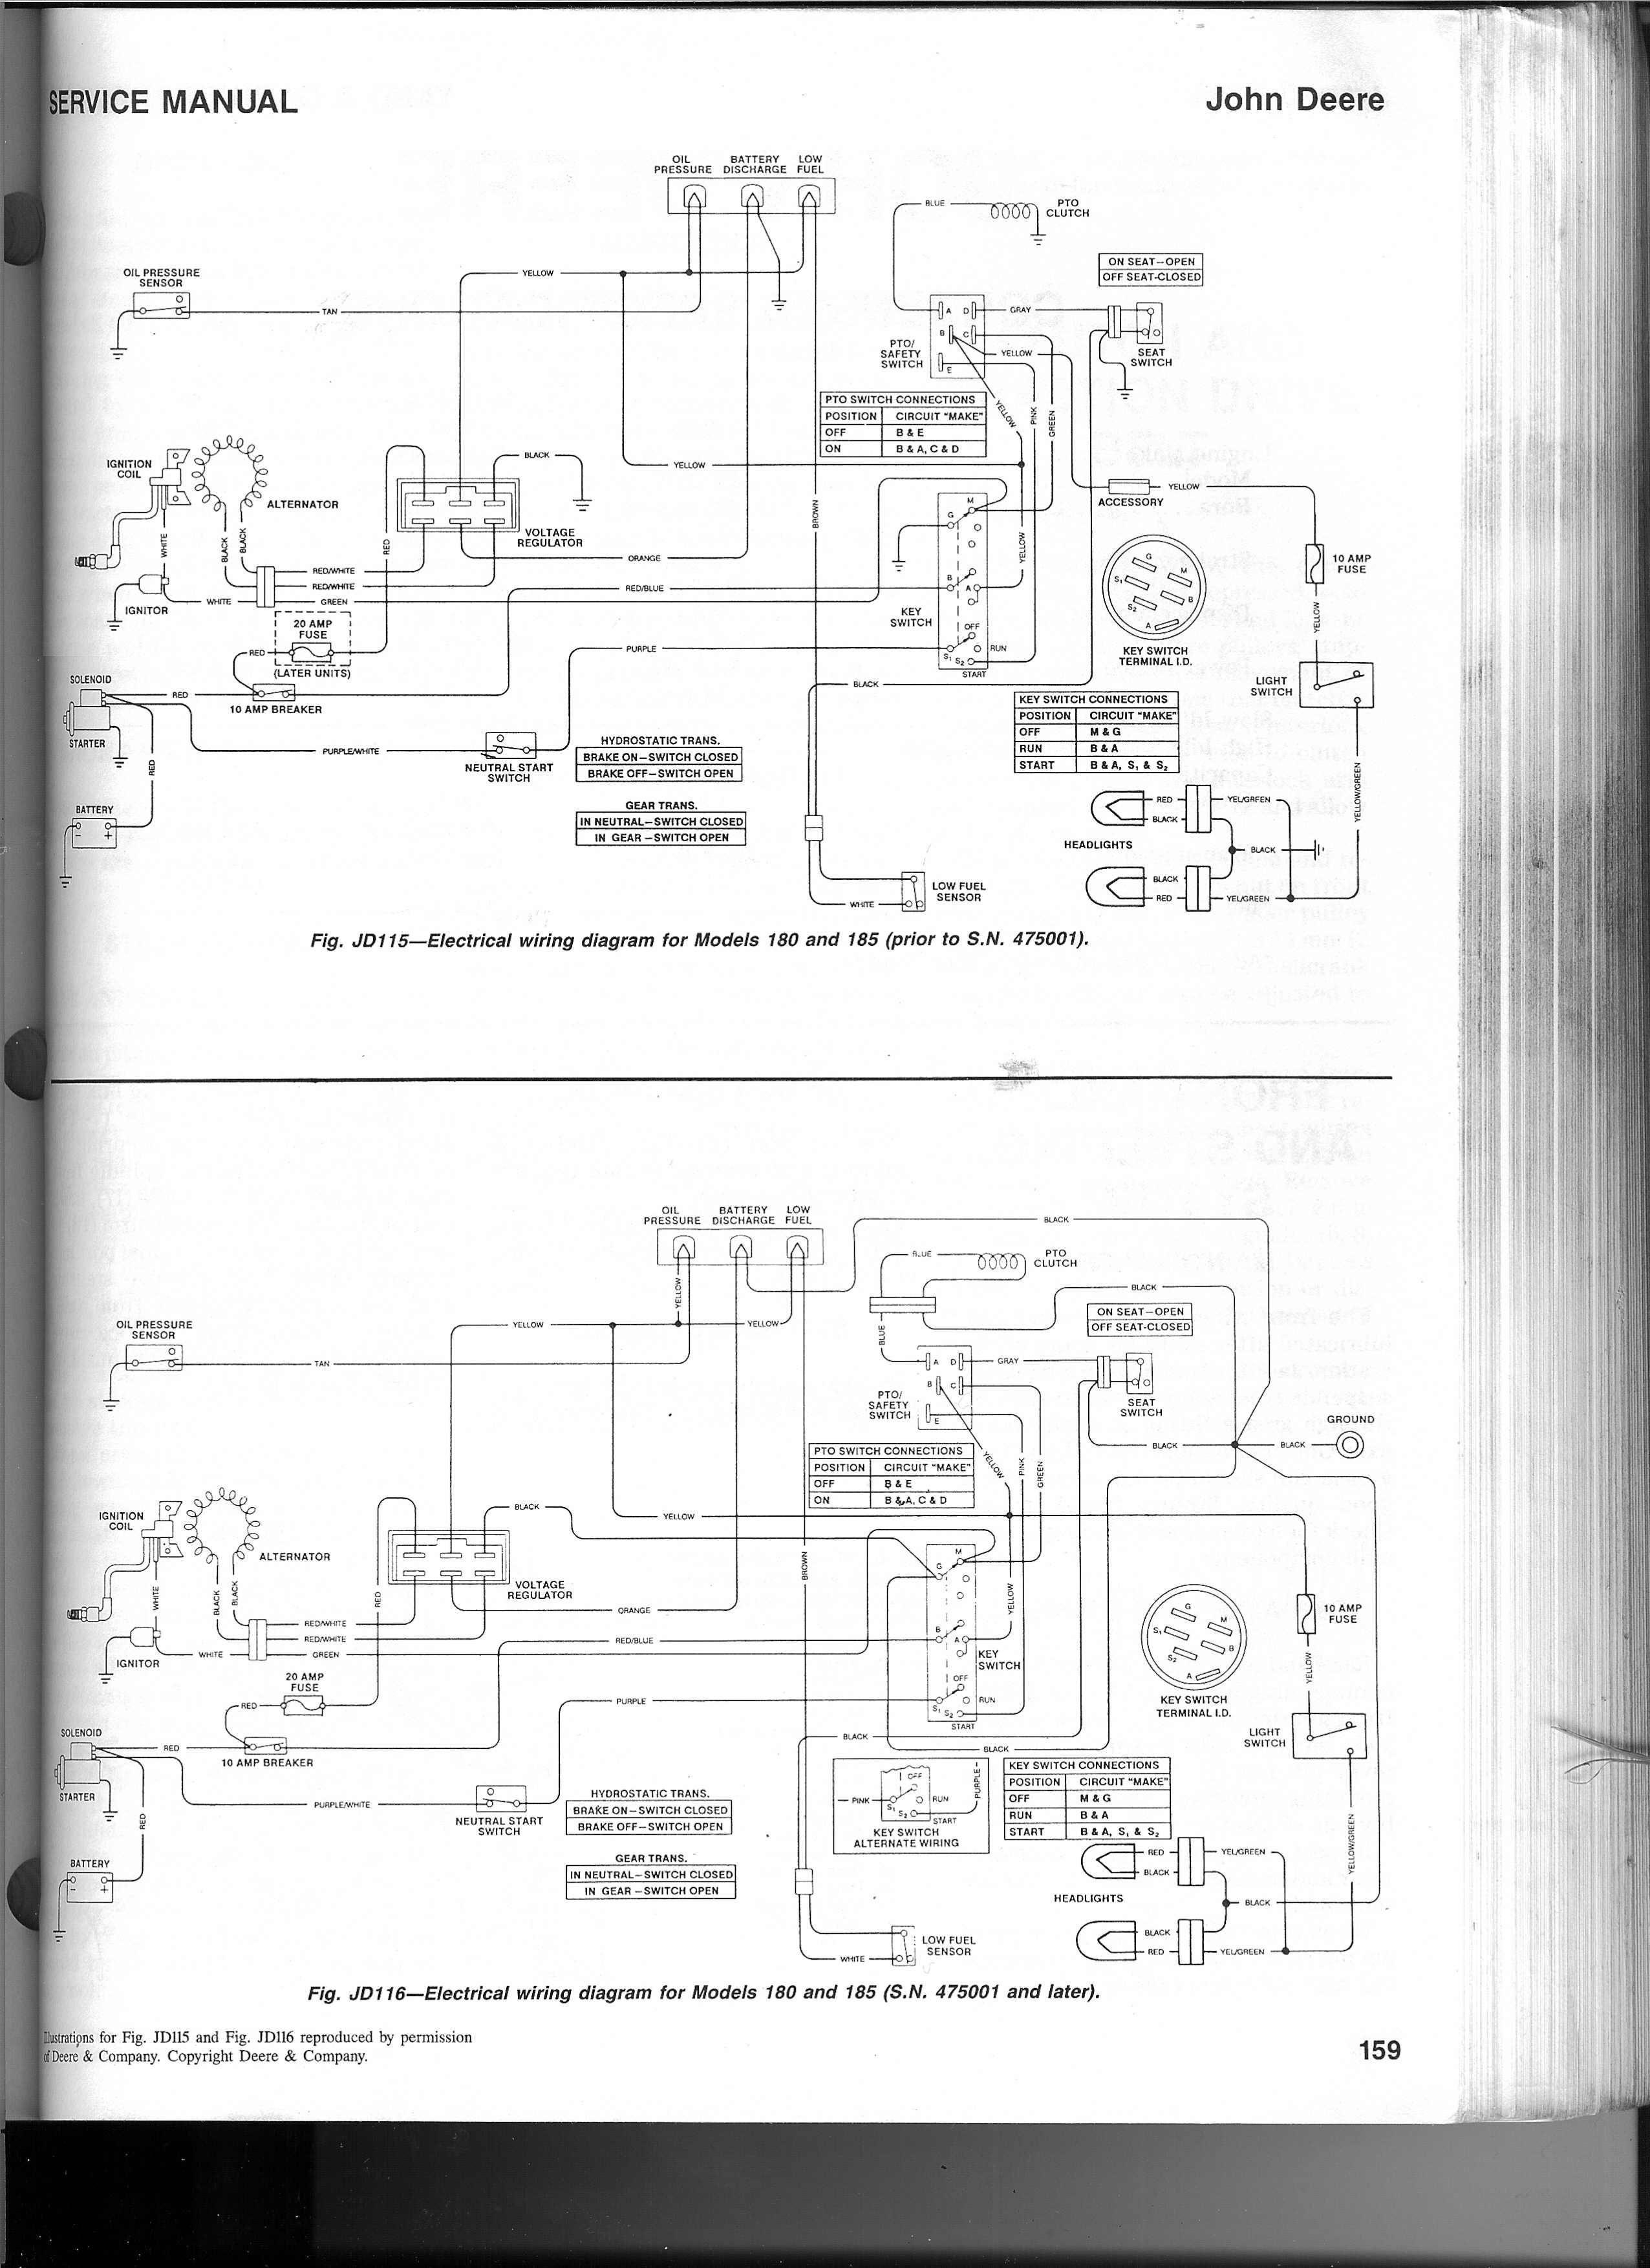 john deere 1010 wiring schematic ka 2229  besides john deere 1010 tractor wiring diagram likewise  john deere 1010 tractor wiring diagram